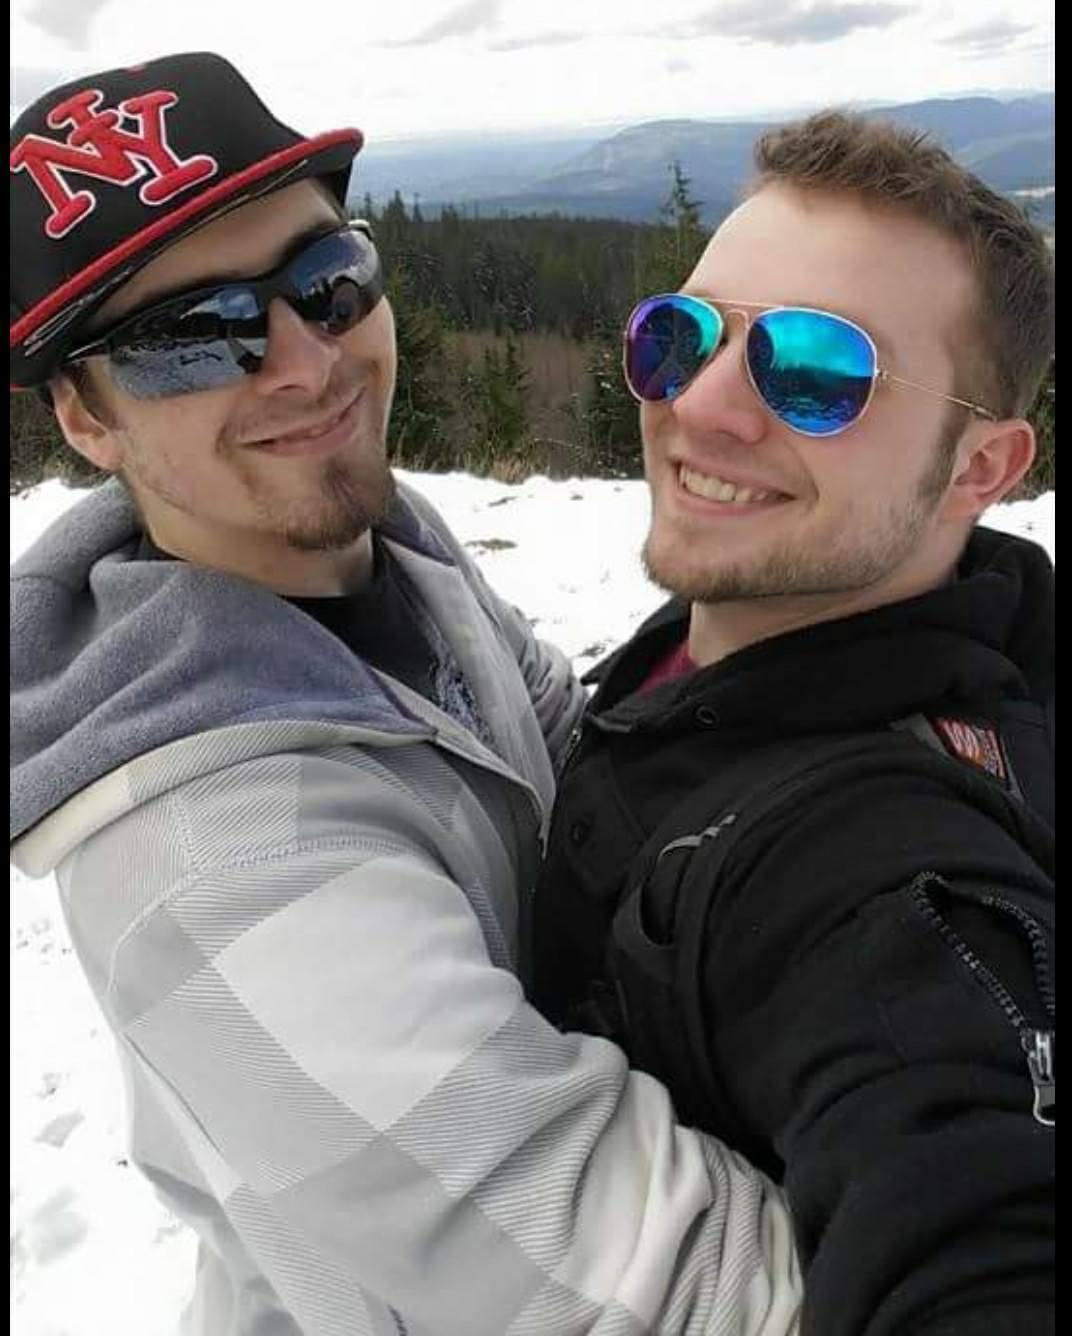 Image: Gay Geeks